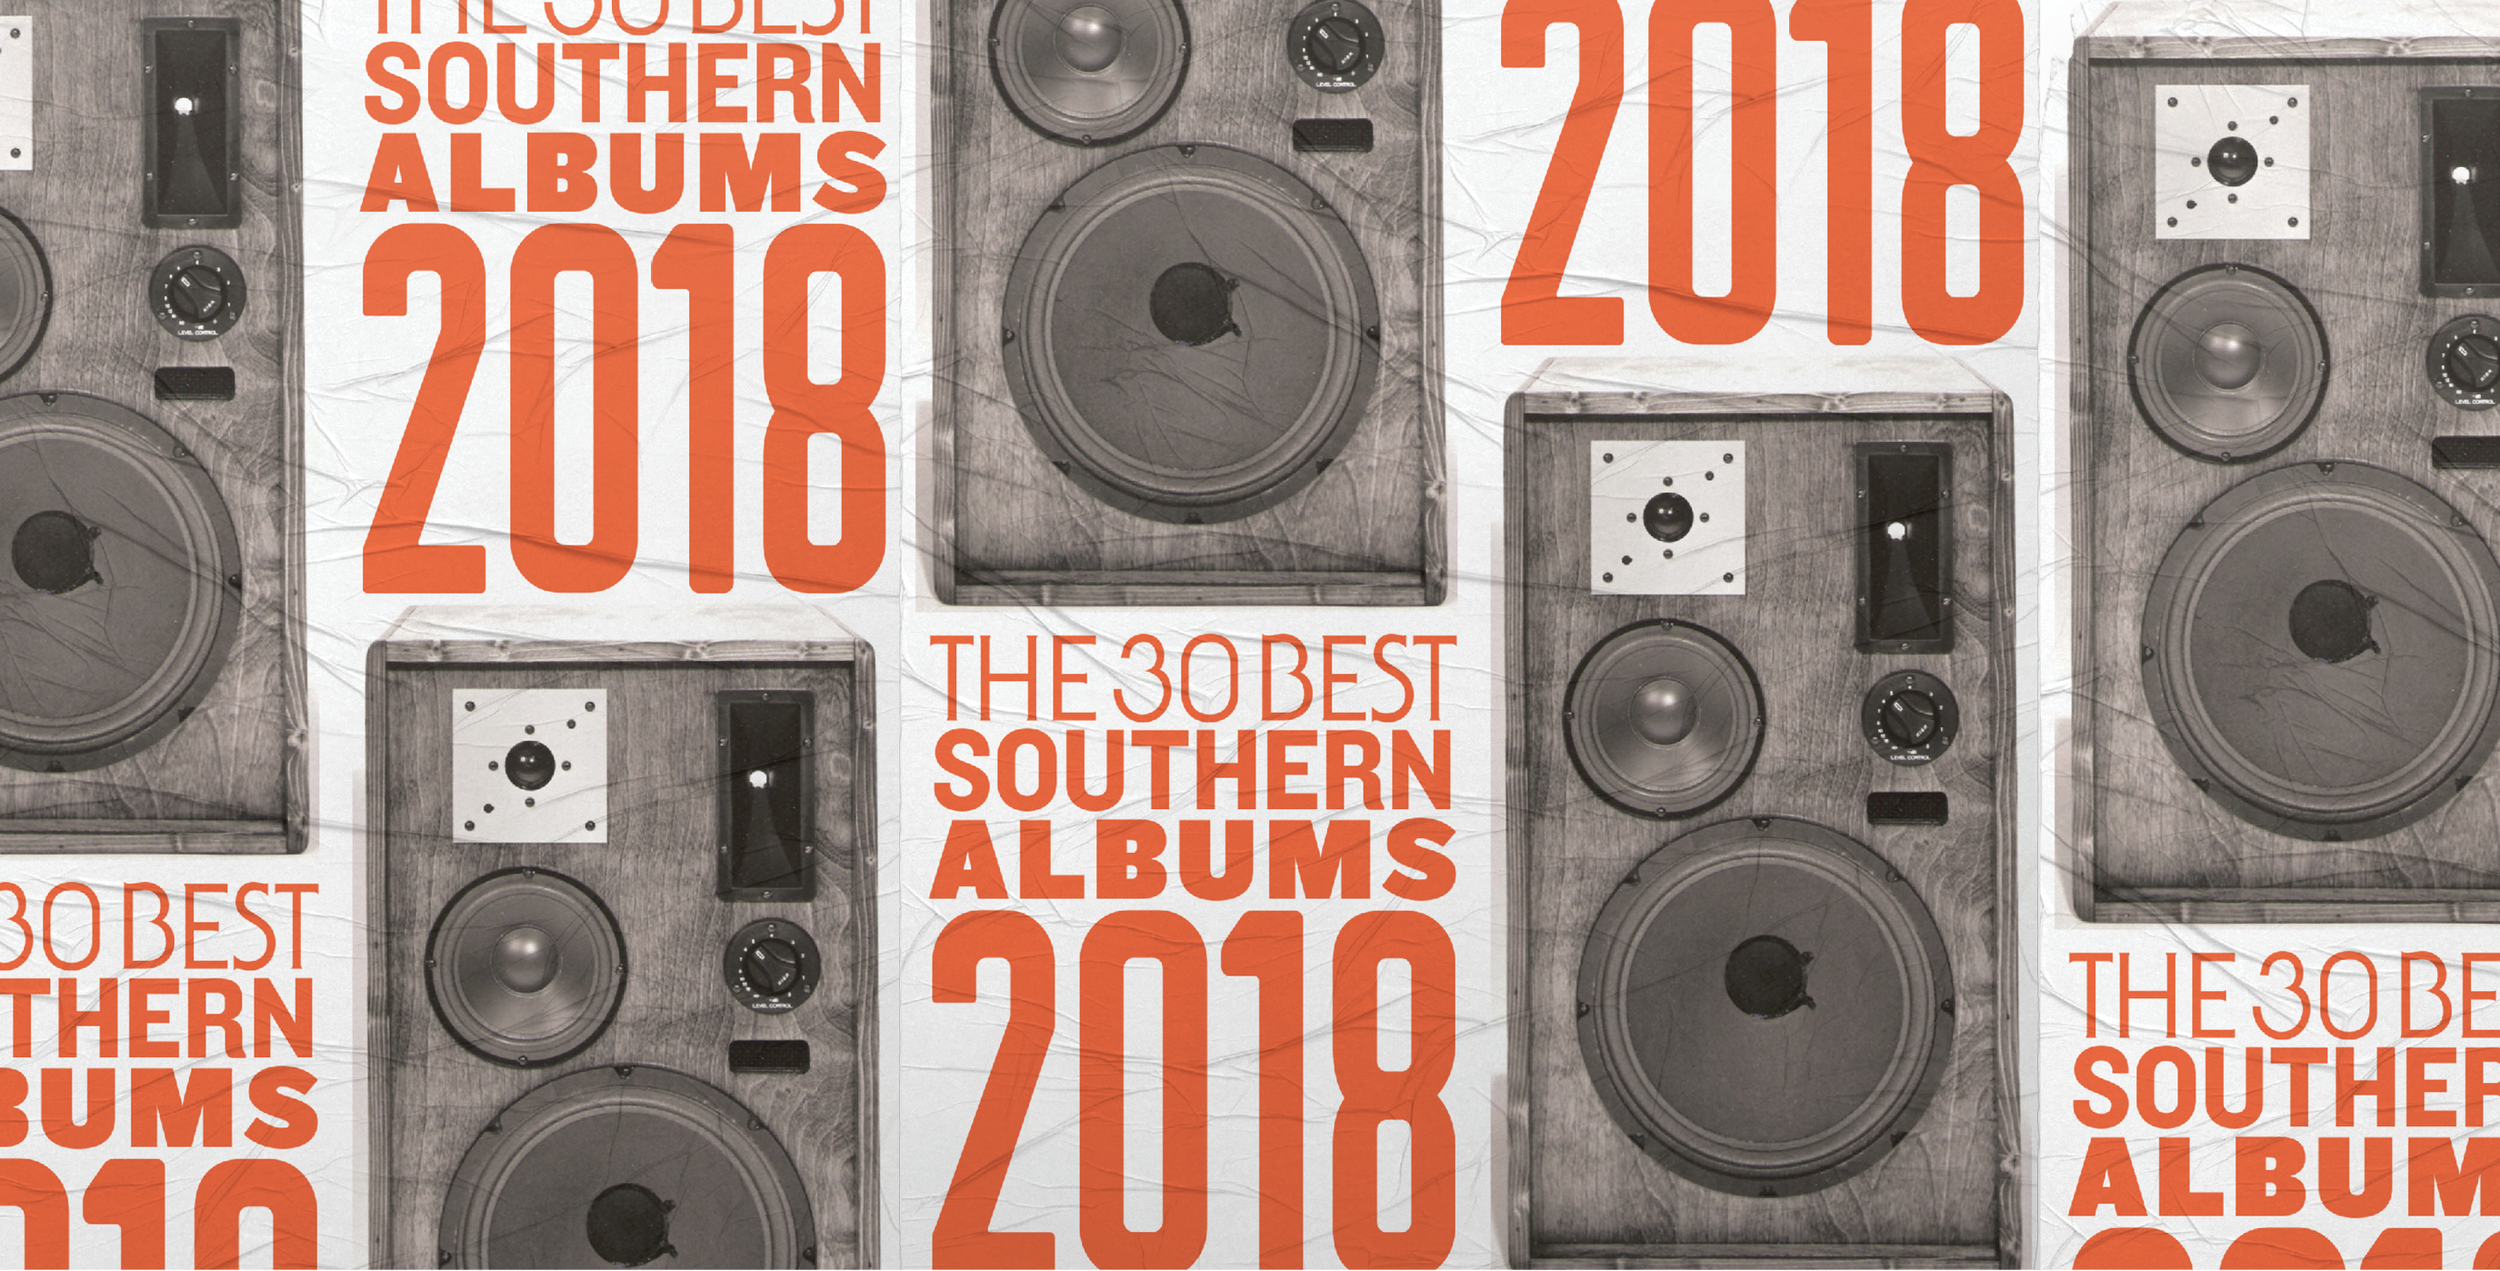 best-albums-2108-header-3.png